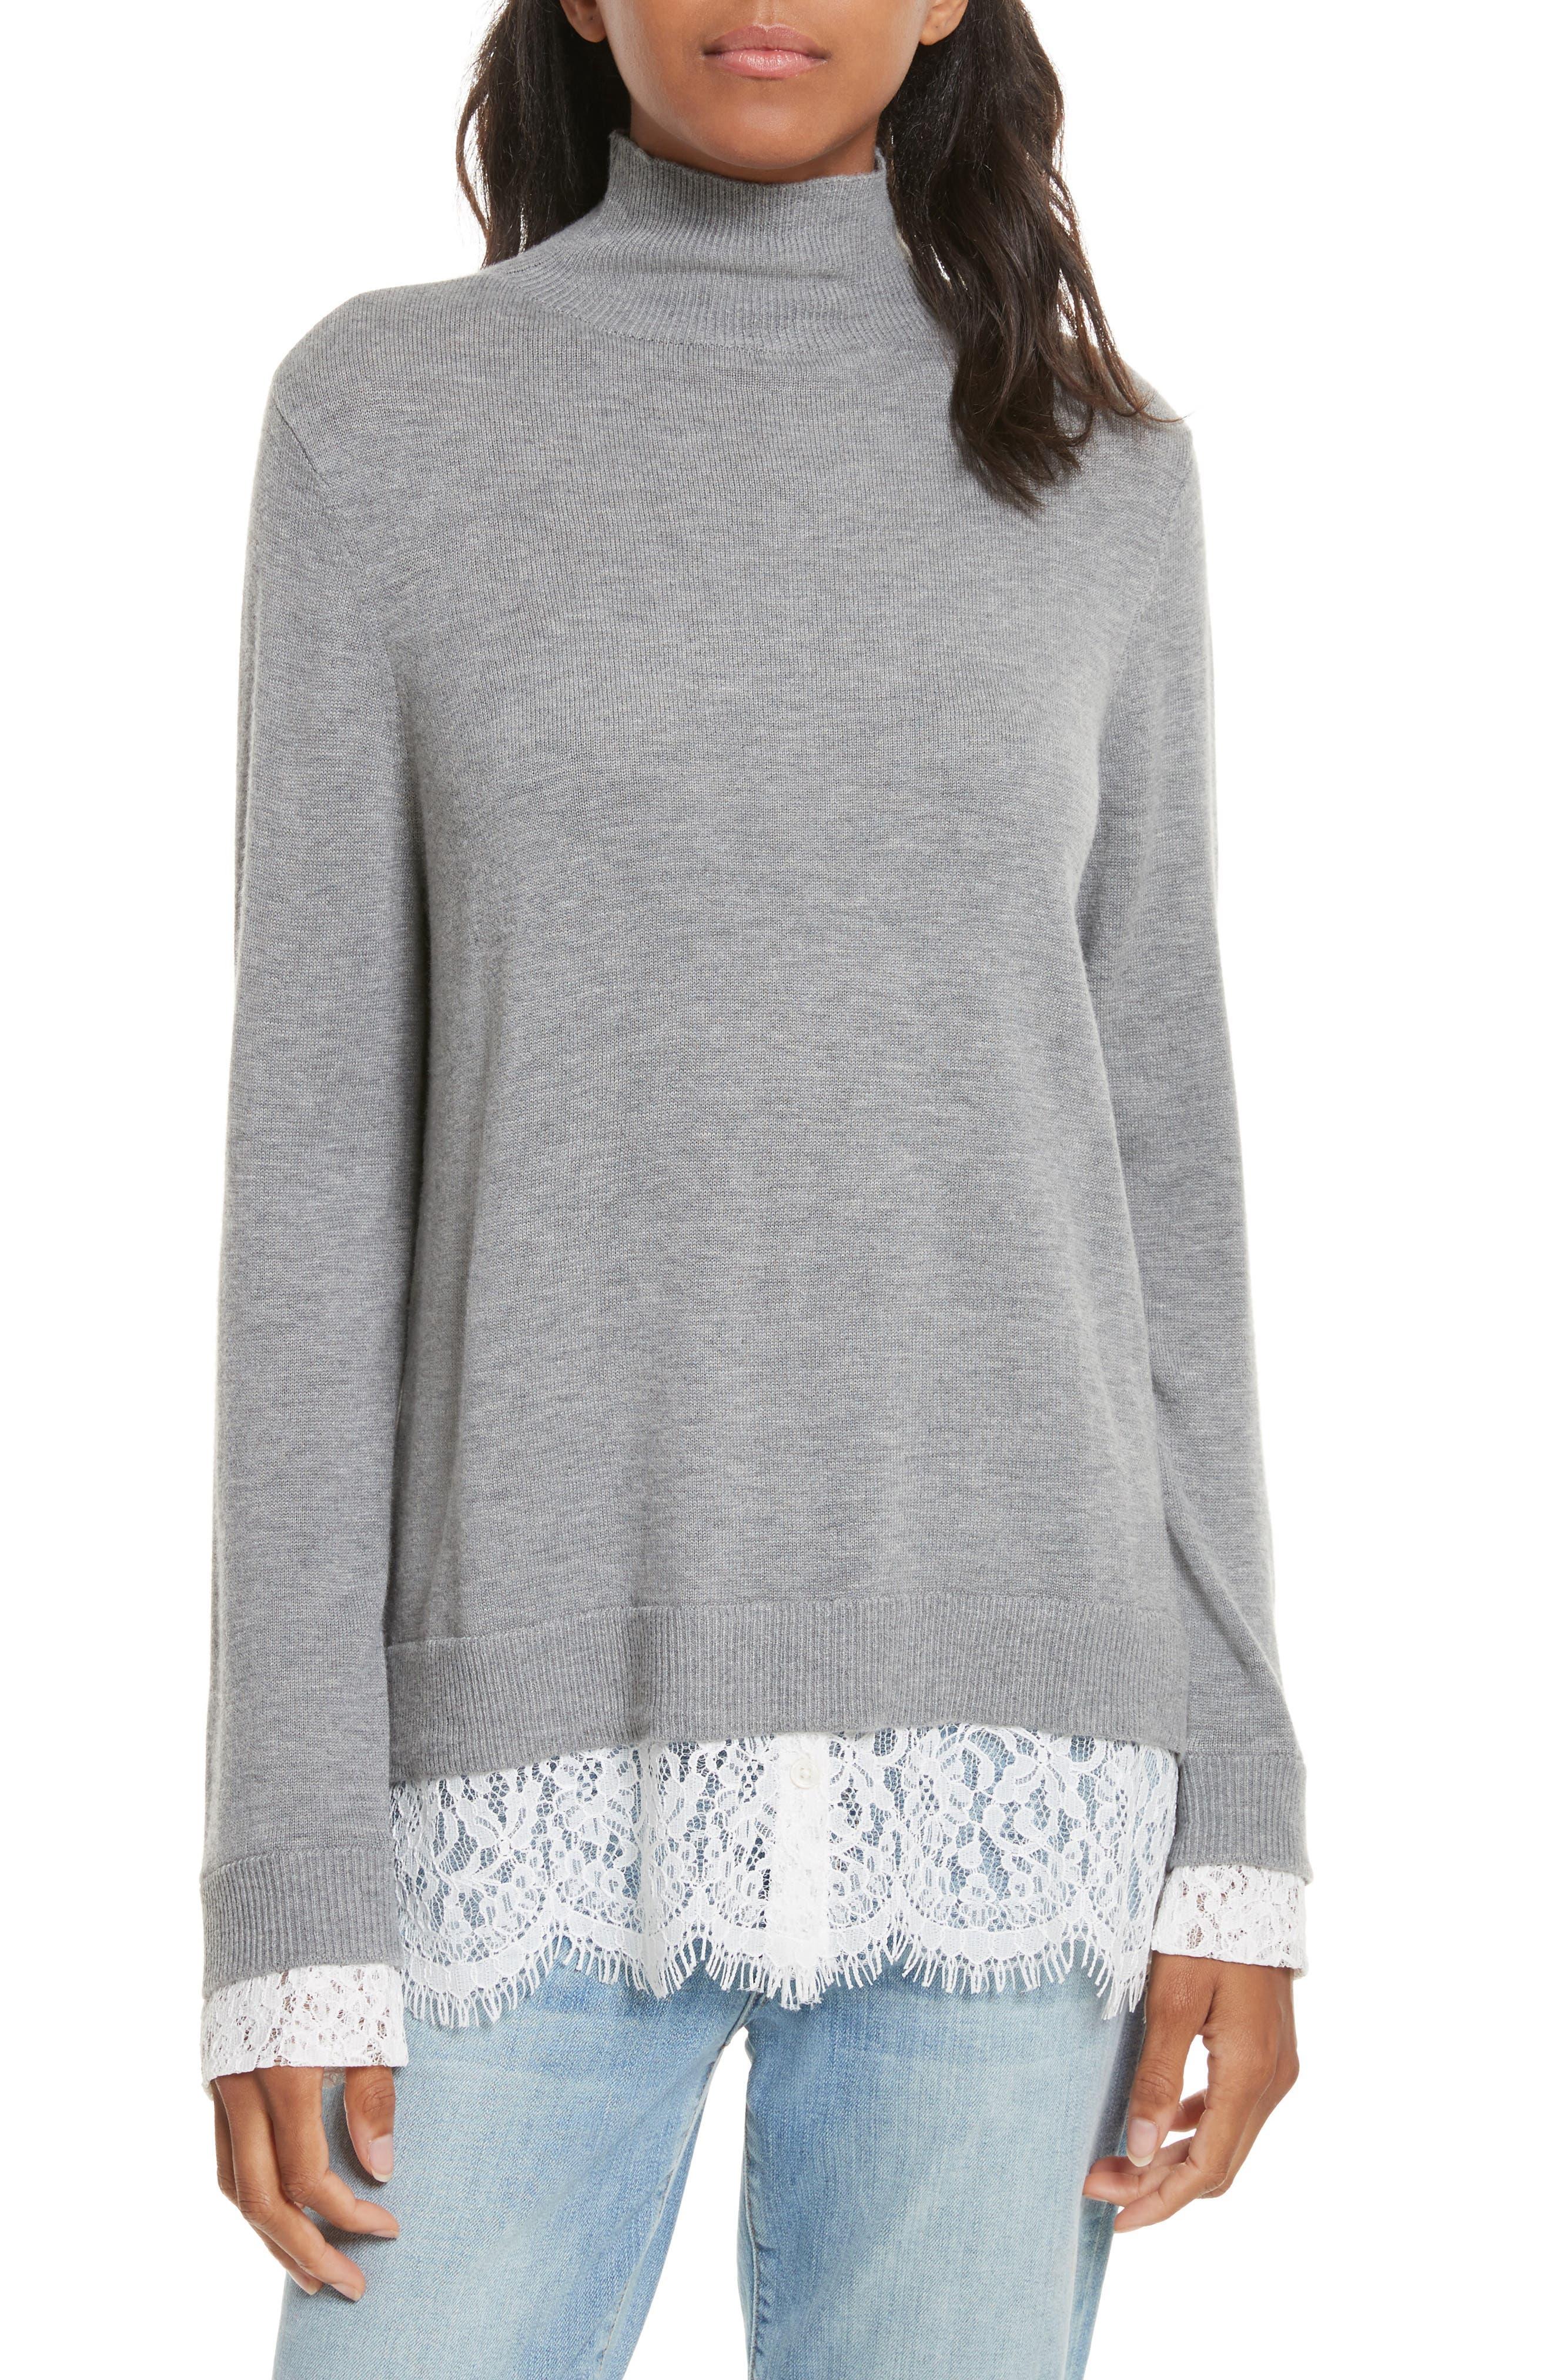 Main Image - Joie Fredrika Lace Inset Sweater